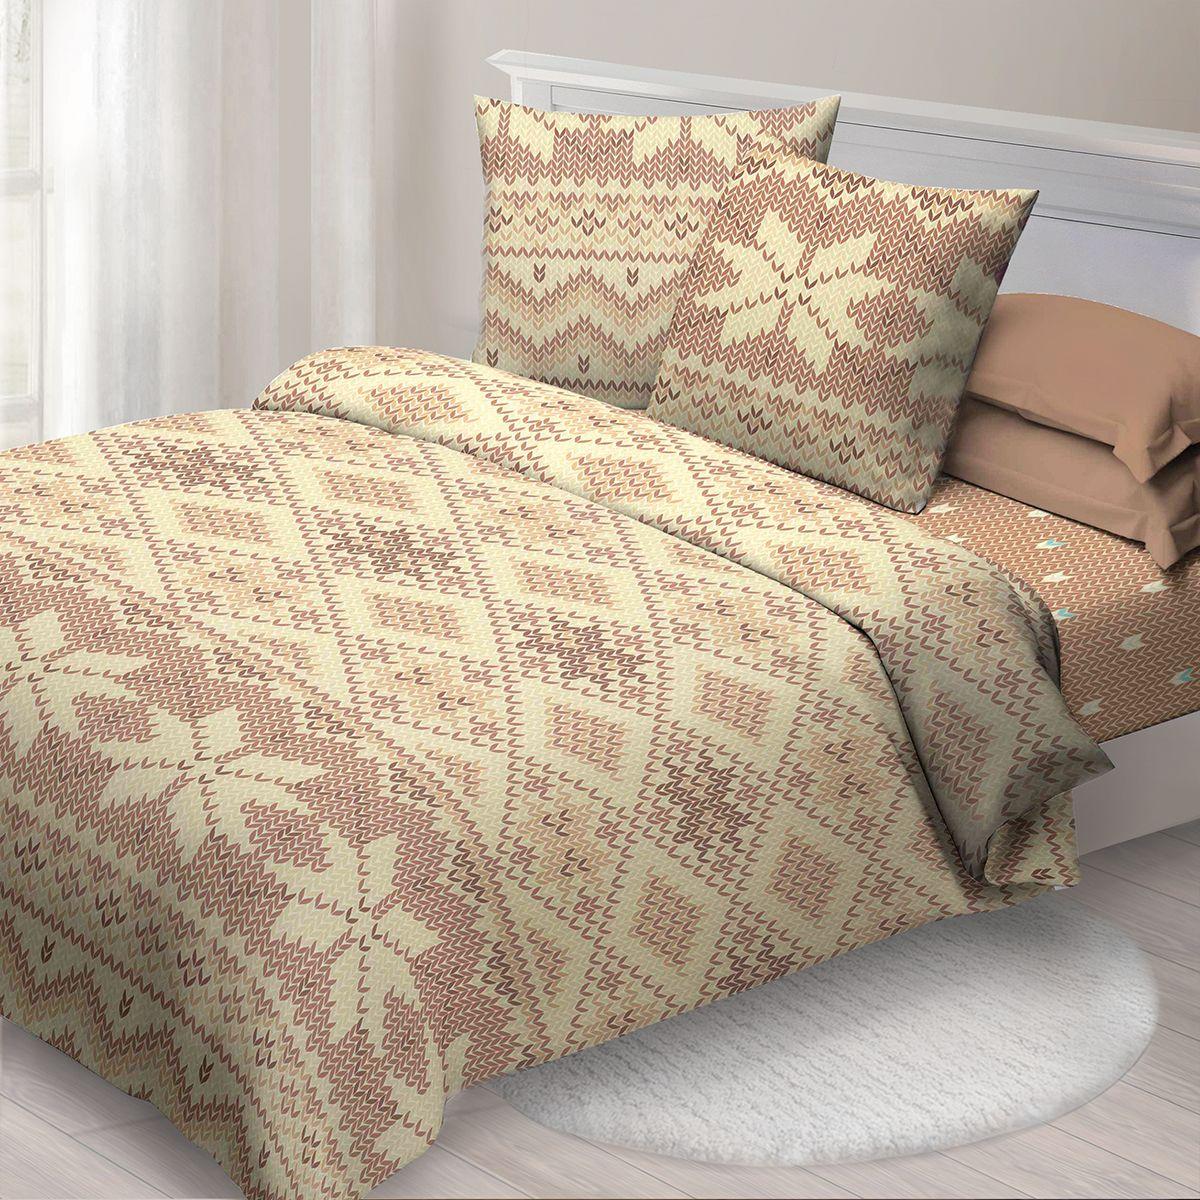 Комплект белья Спал Спалыч Ингрид, 1,5 спальное, наволочки 70x70, цвет: коричневый. 4087-185074